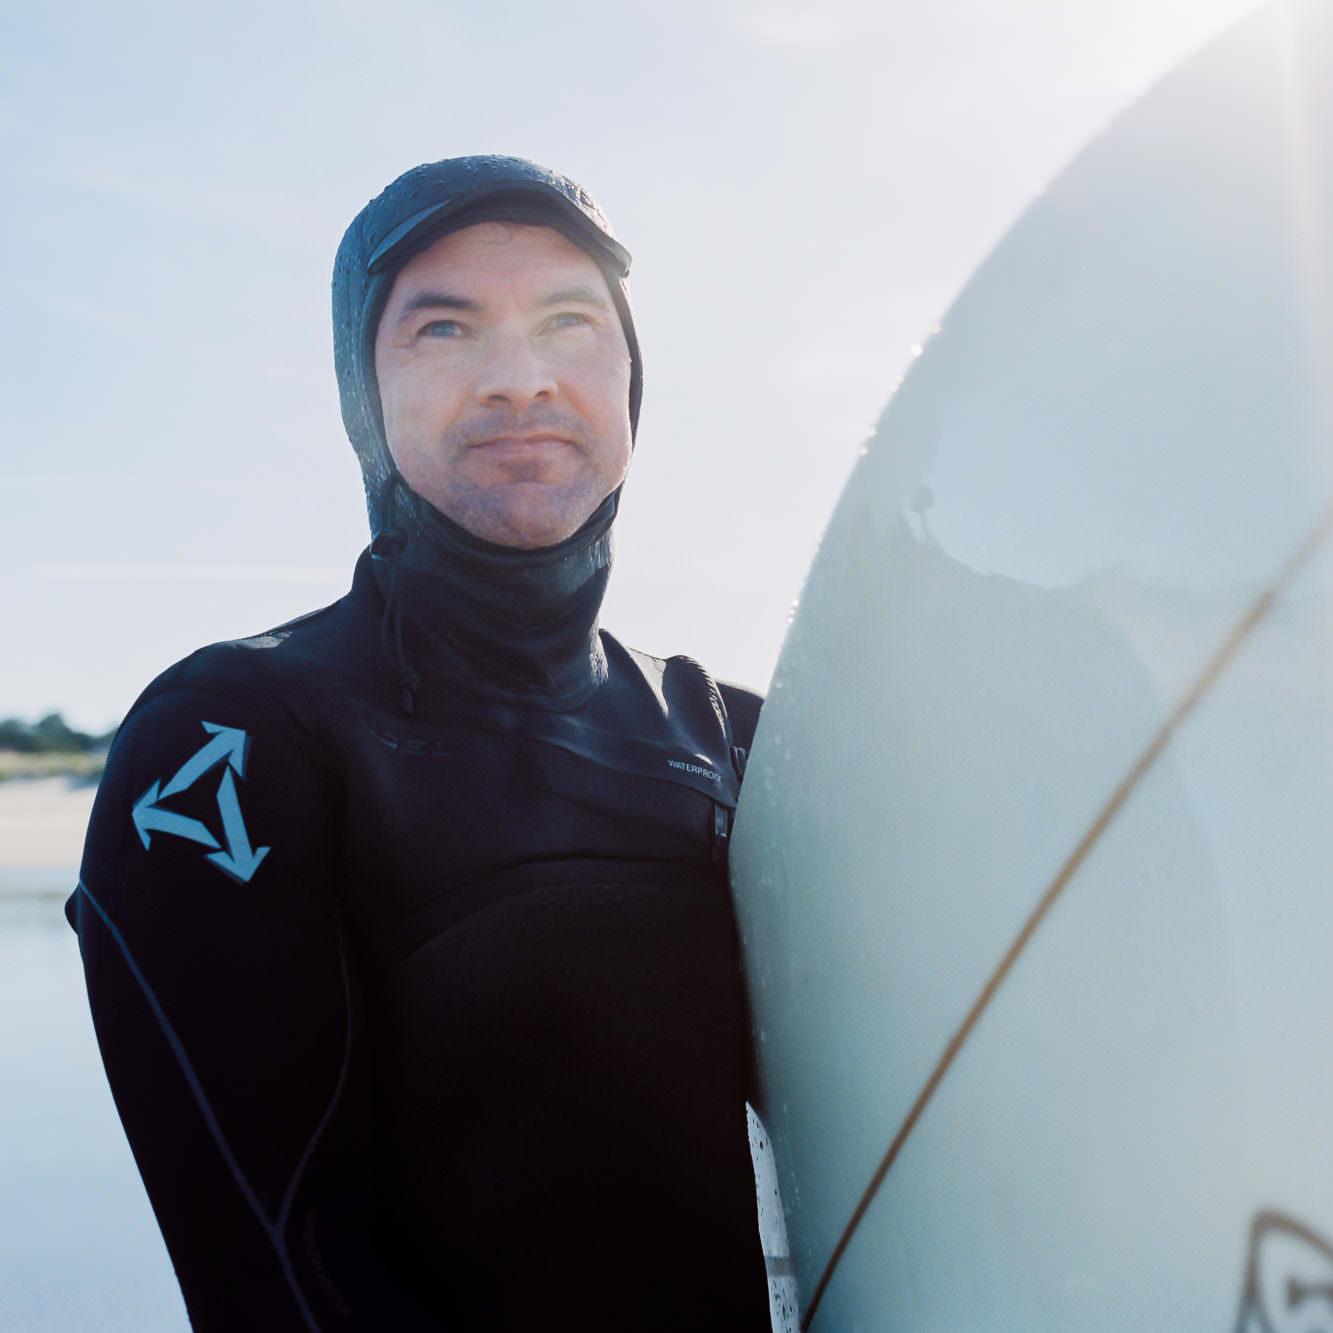 Surfing Oregon Coast at Cannon Beach Haystack Rock